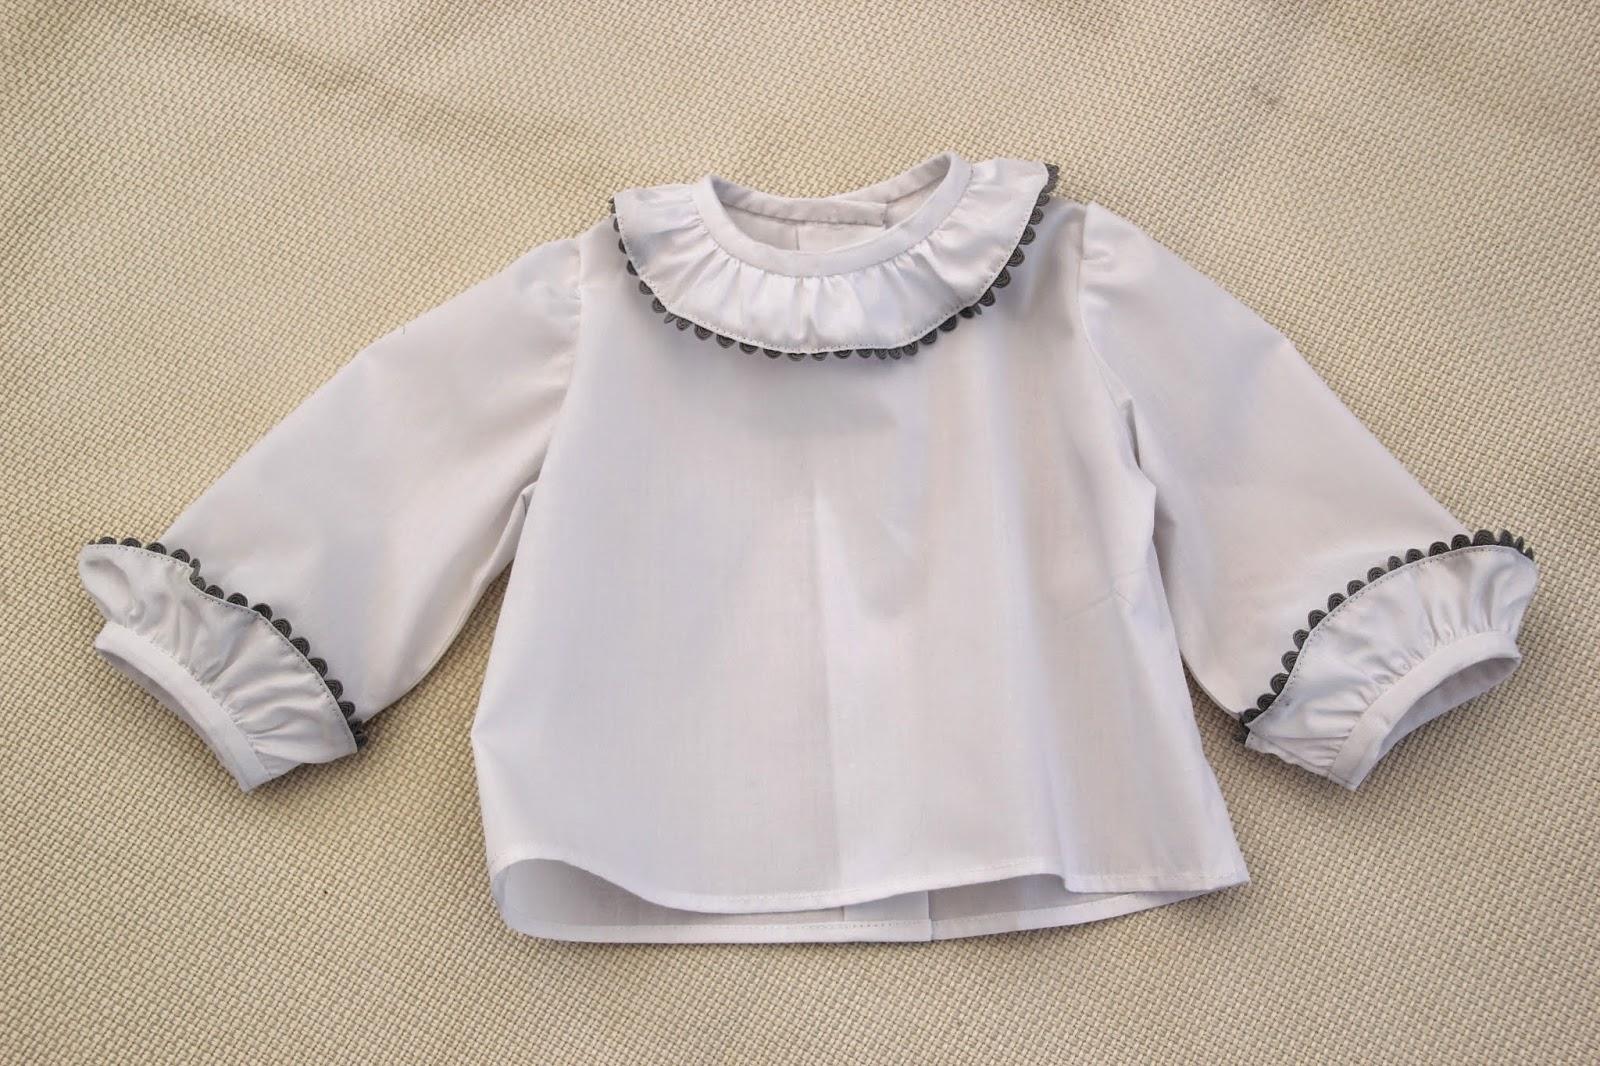 Patrones y tutoriales de ropa para niños y bebés gratis - Handbox ...